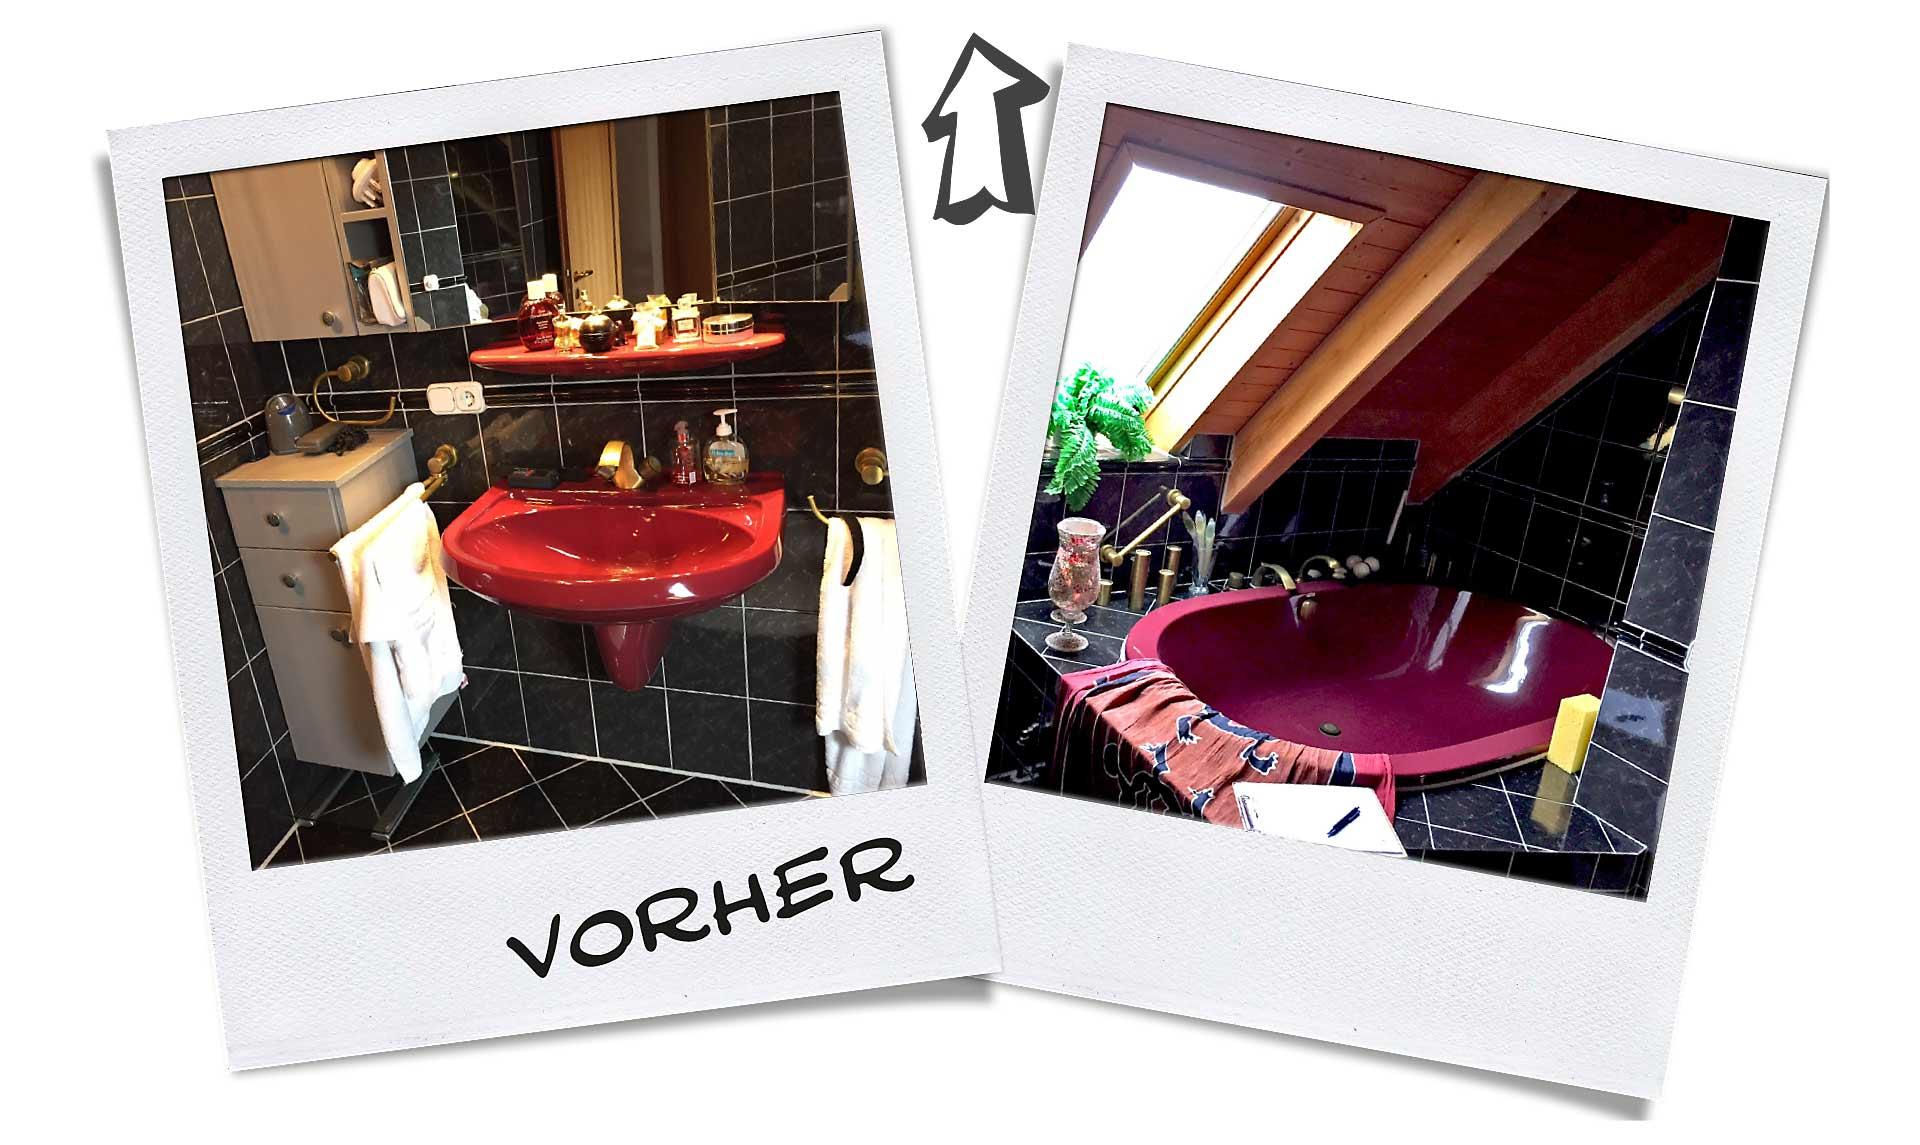 Vorher Bilder des von Zitzelsberger modernisierten Bades